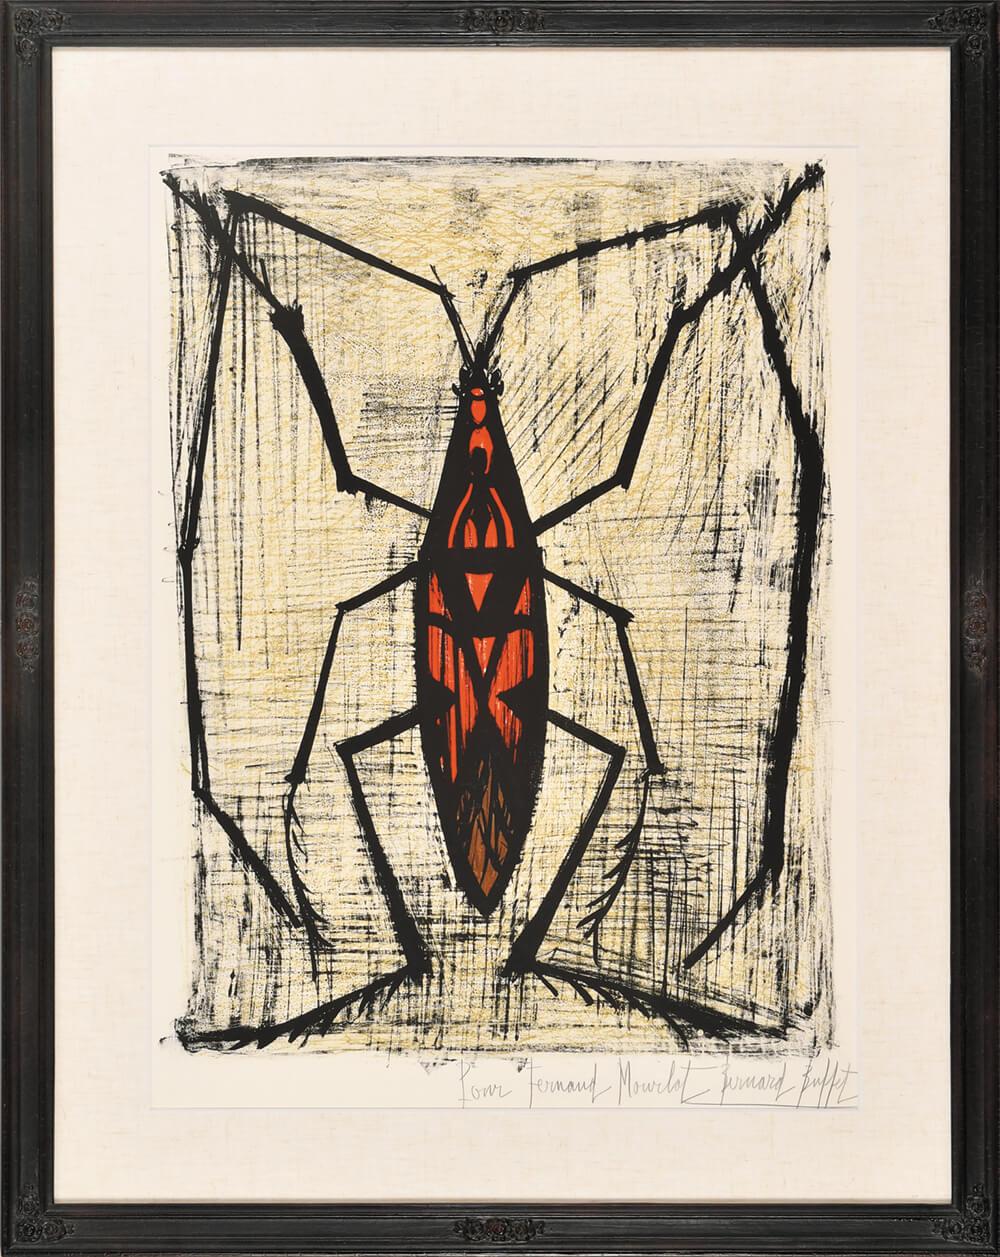 2021年6月25日から開催の「ベルナール・ビュッフェ 版画展」の作品画像2